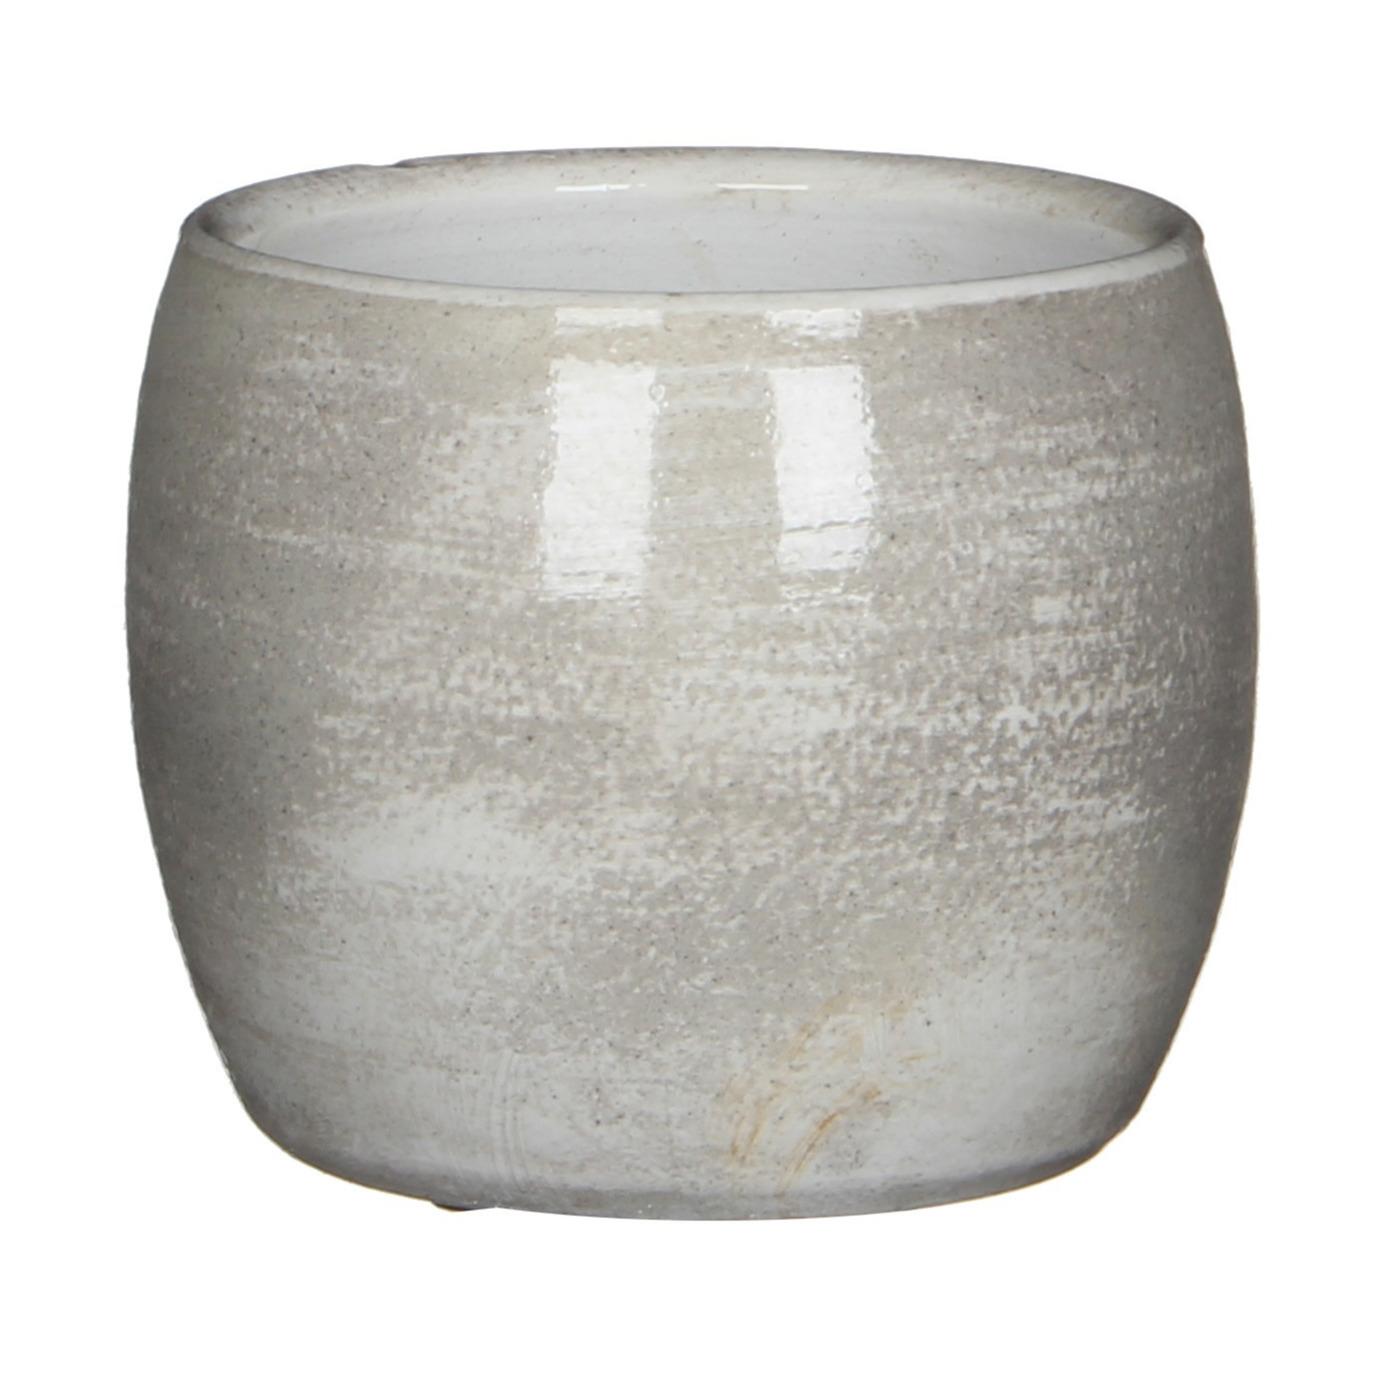 Bloempot in het shiny lichtgrijs stone keramiek voor kamerplant H12 x D14 cm -